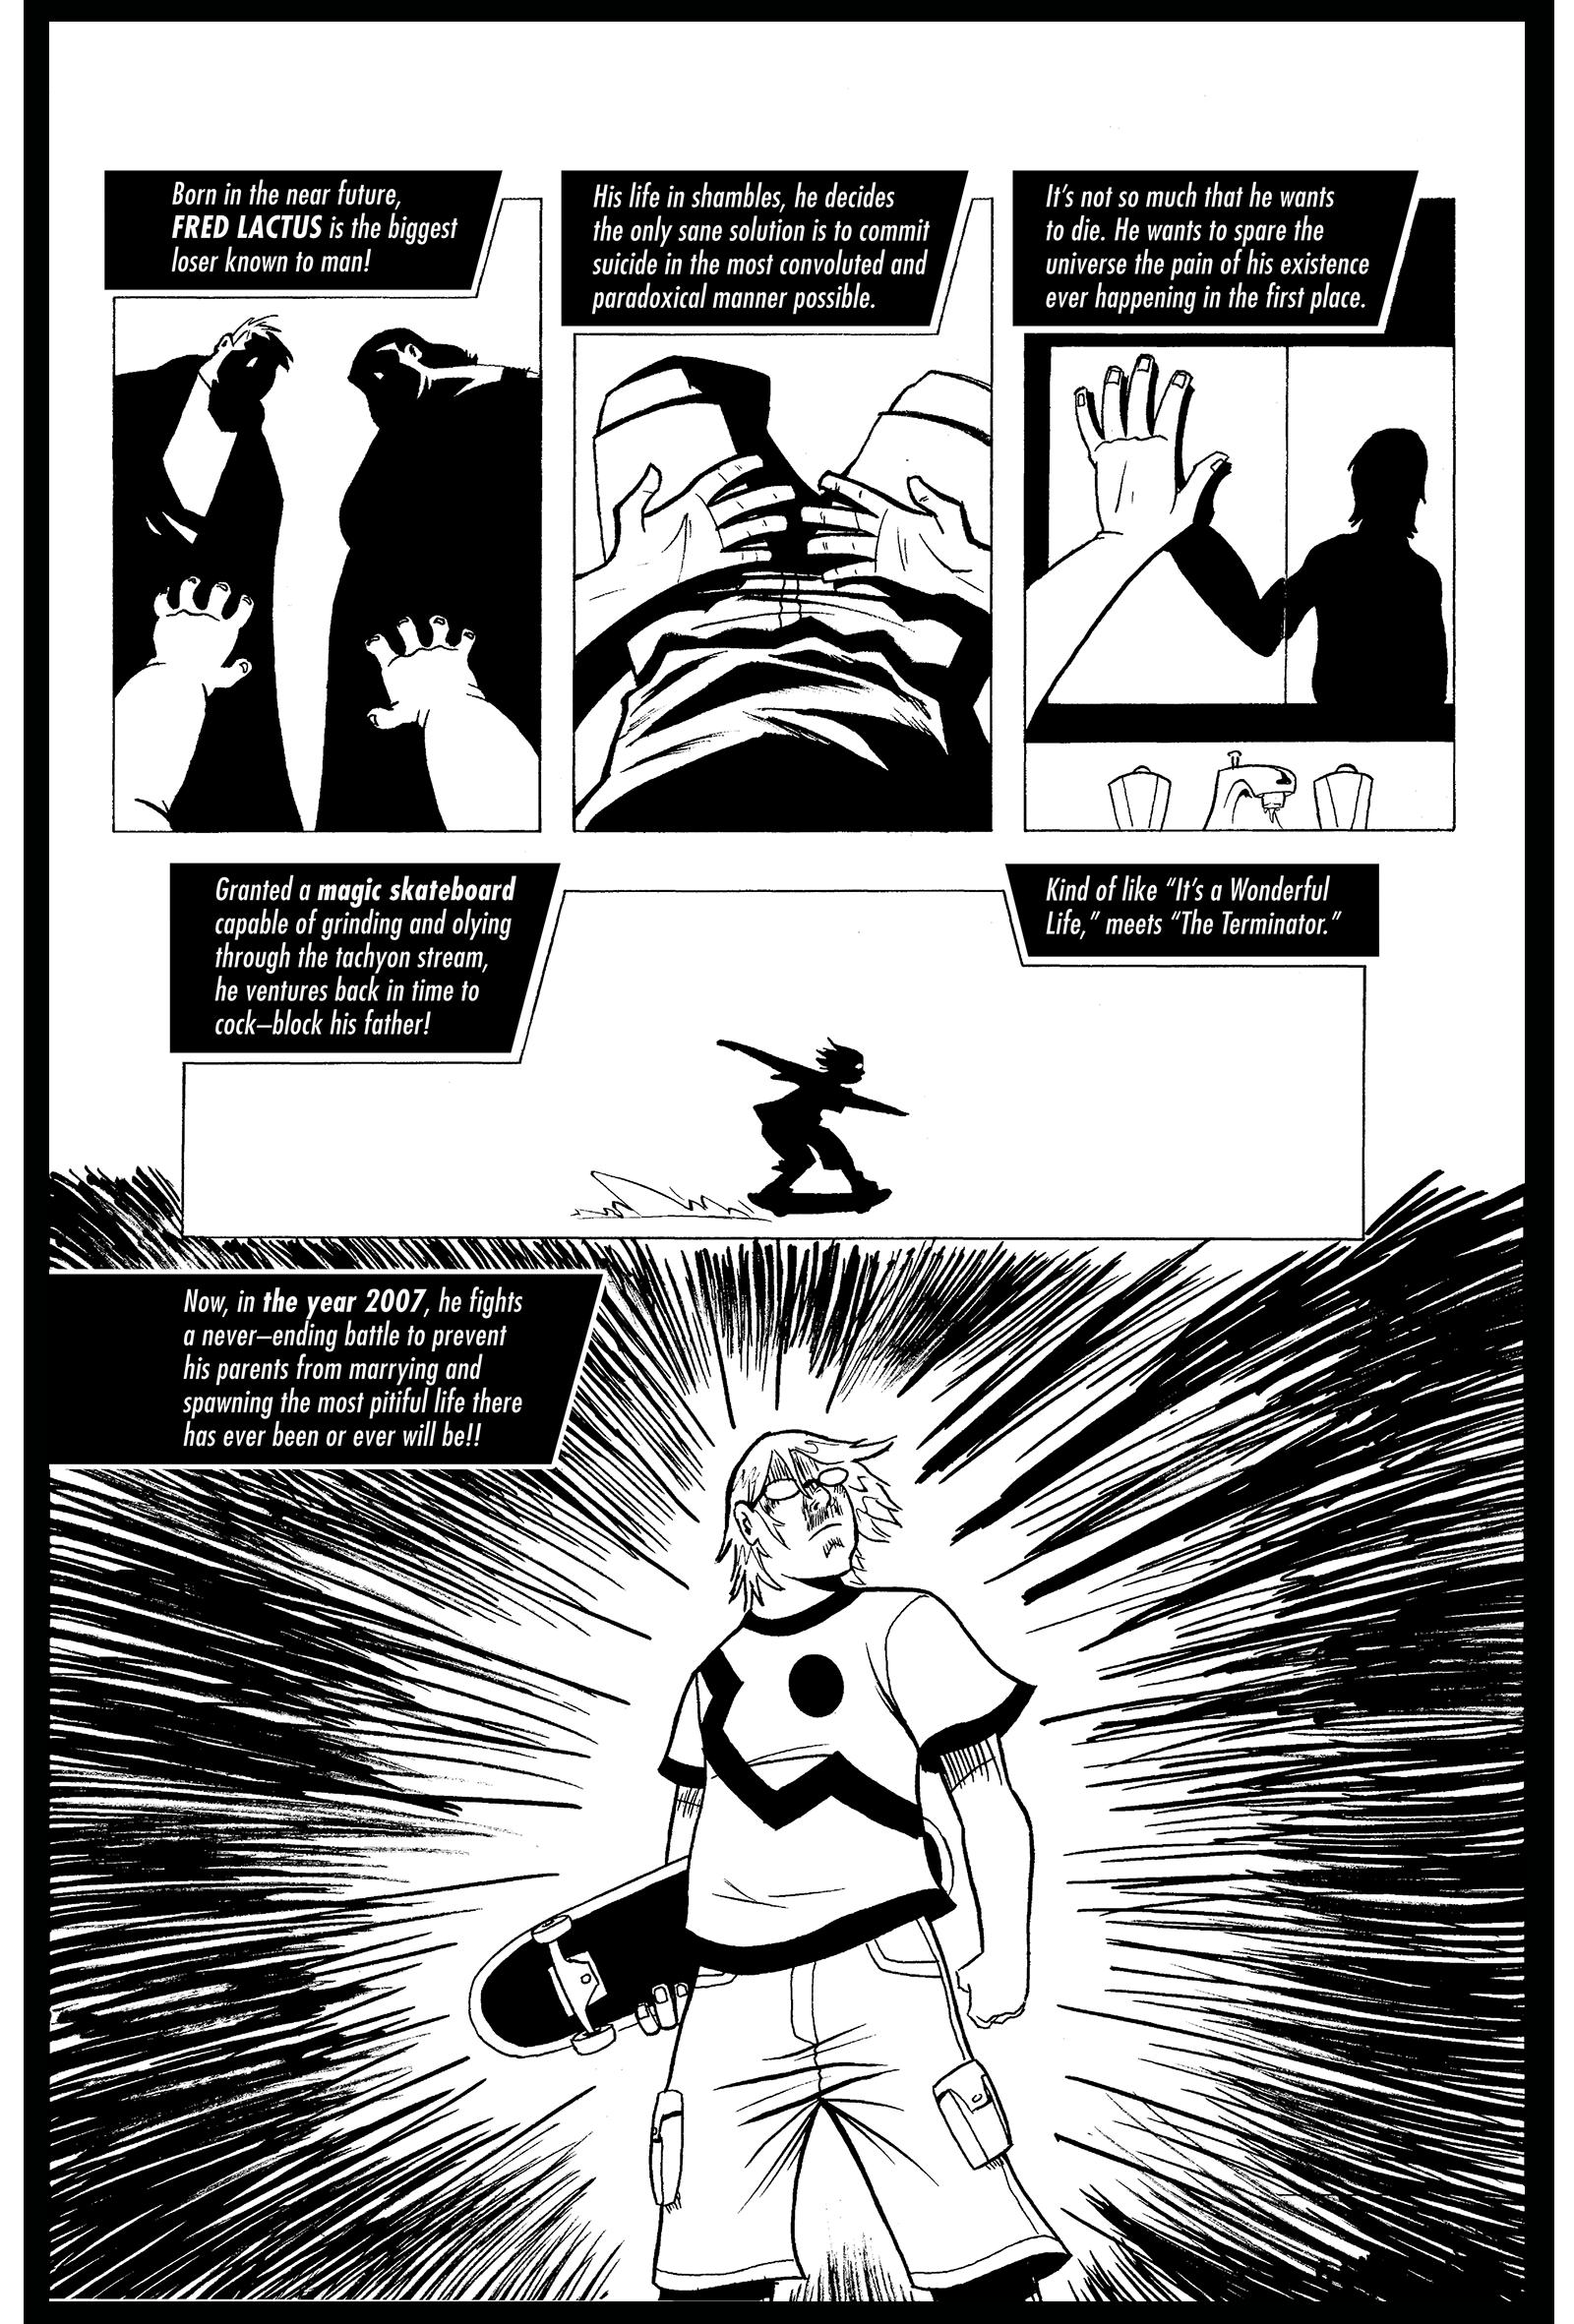 06-The-Saga-of-Fred-Lactus-1-1